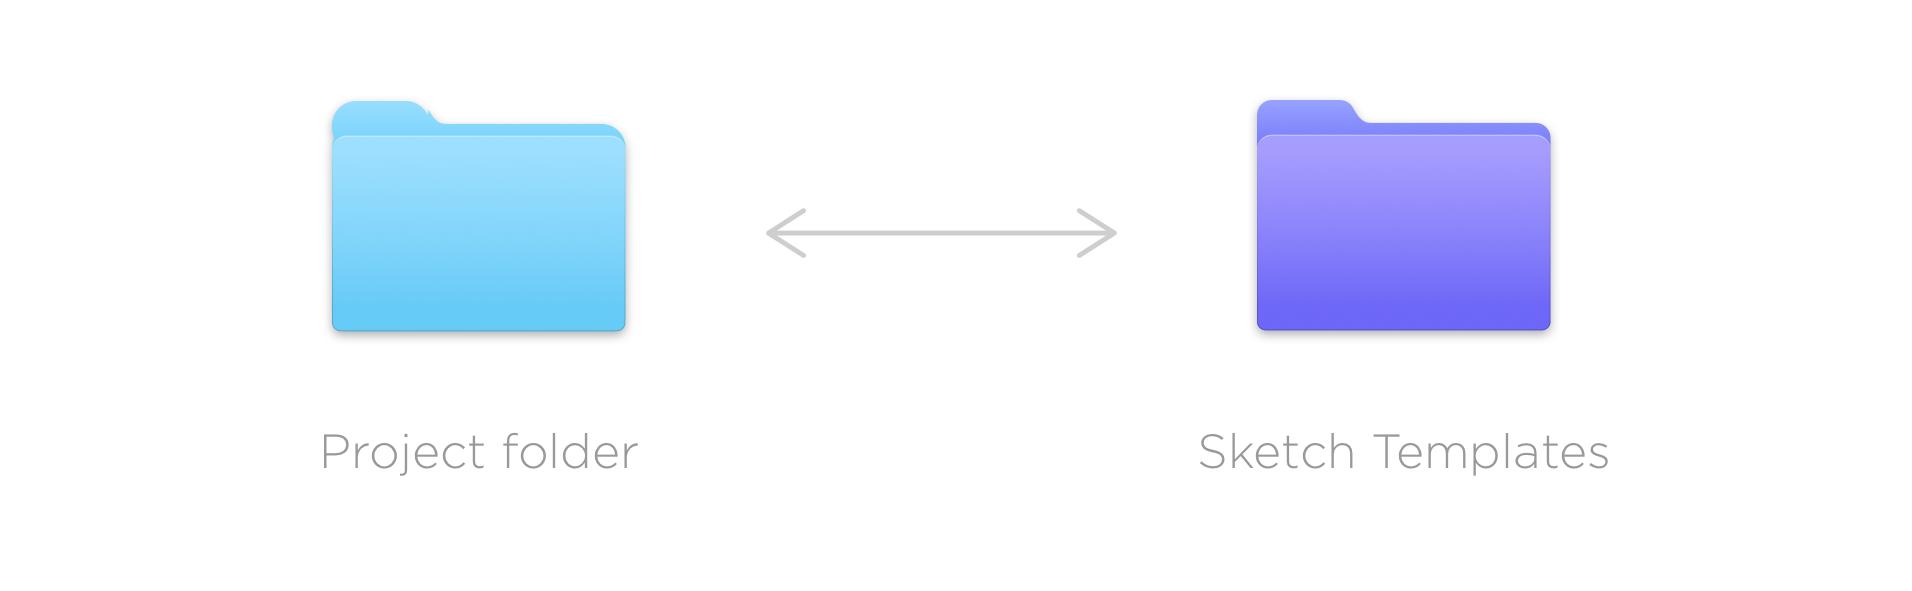 Оптимизация работы портальной дизайн-команды с помощью Sketch и облака - 8